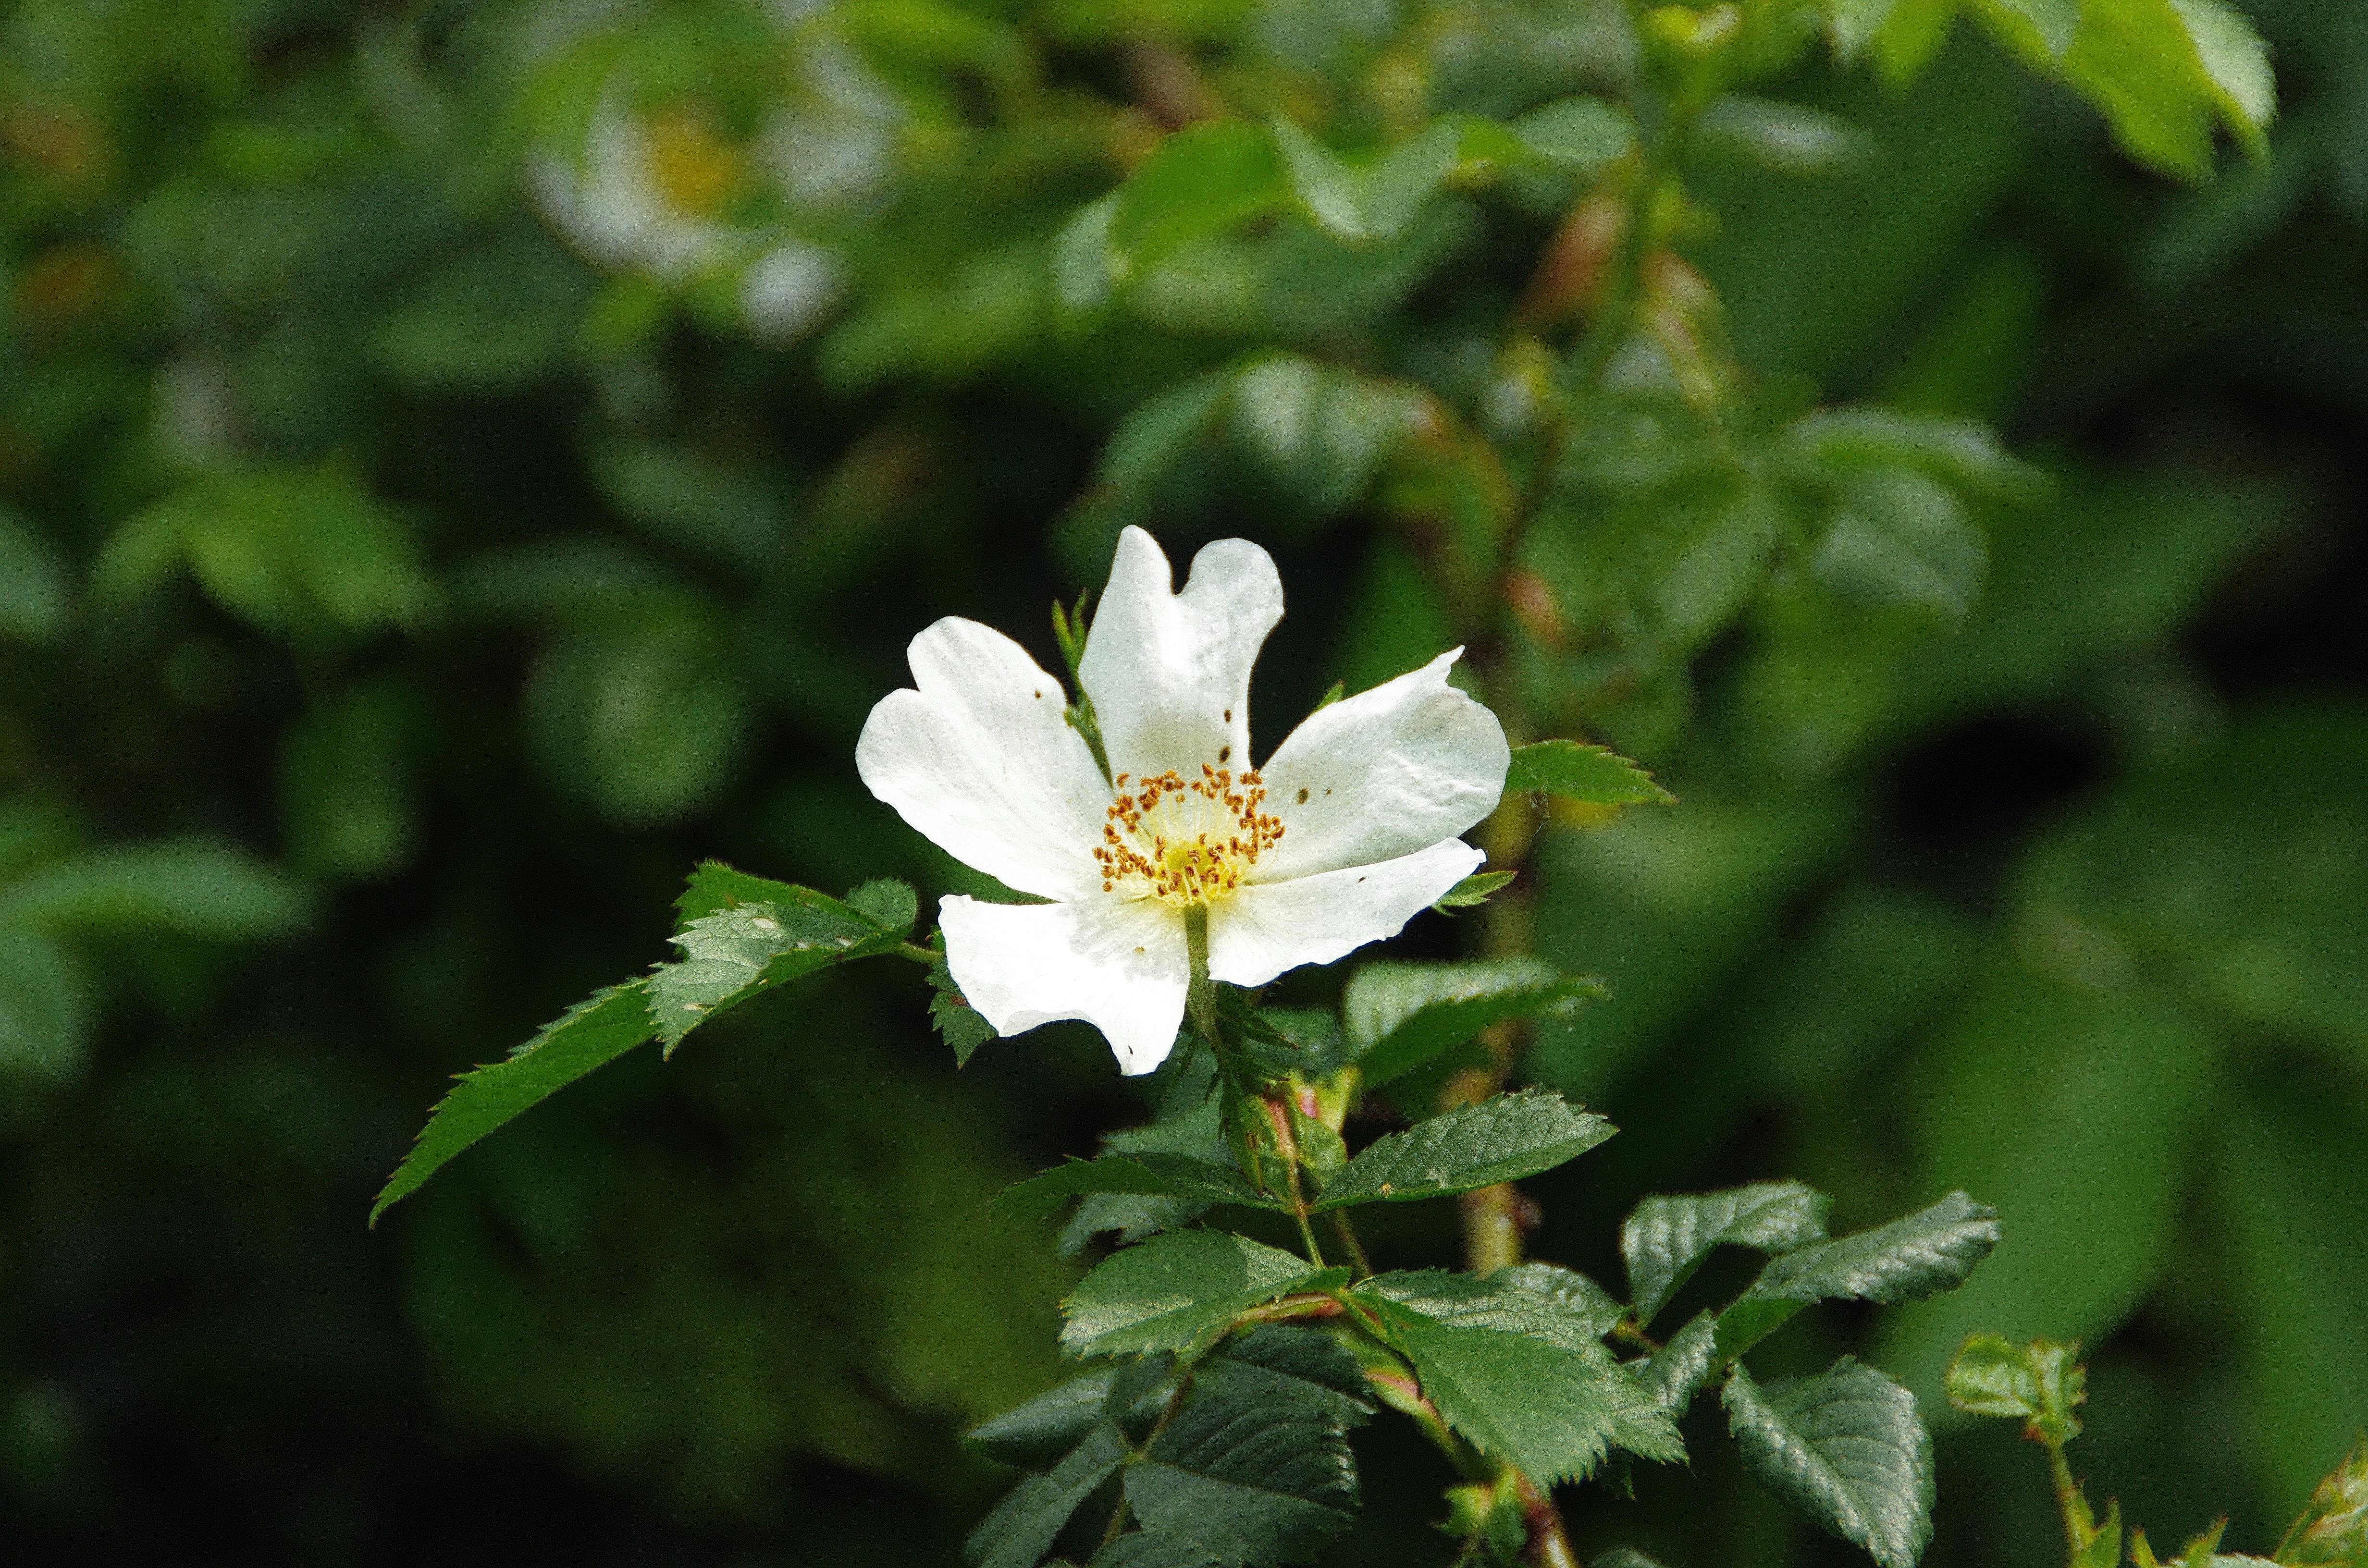 Images Gratuites La Nature Petale Vert Botanique Flore Fleur